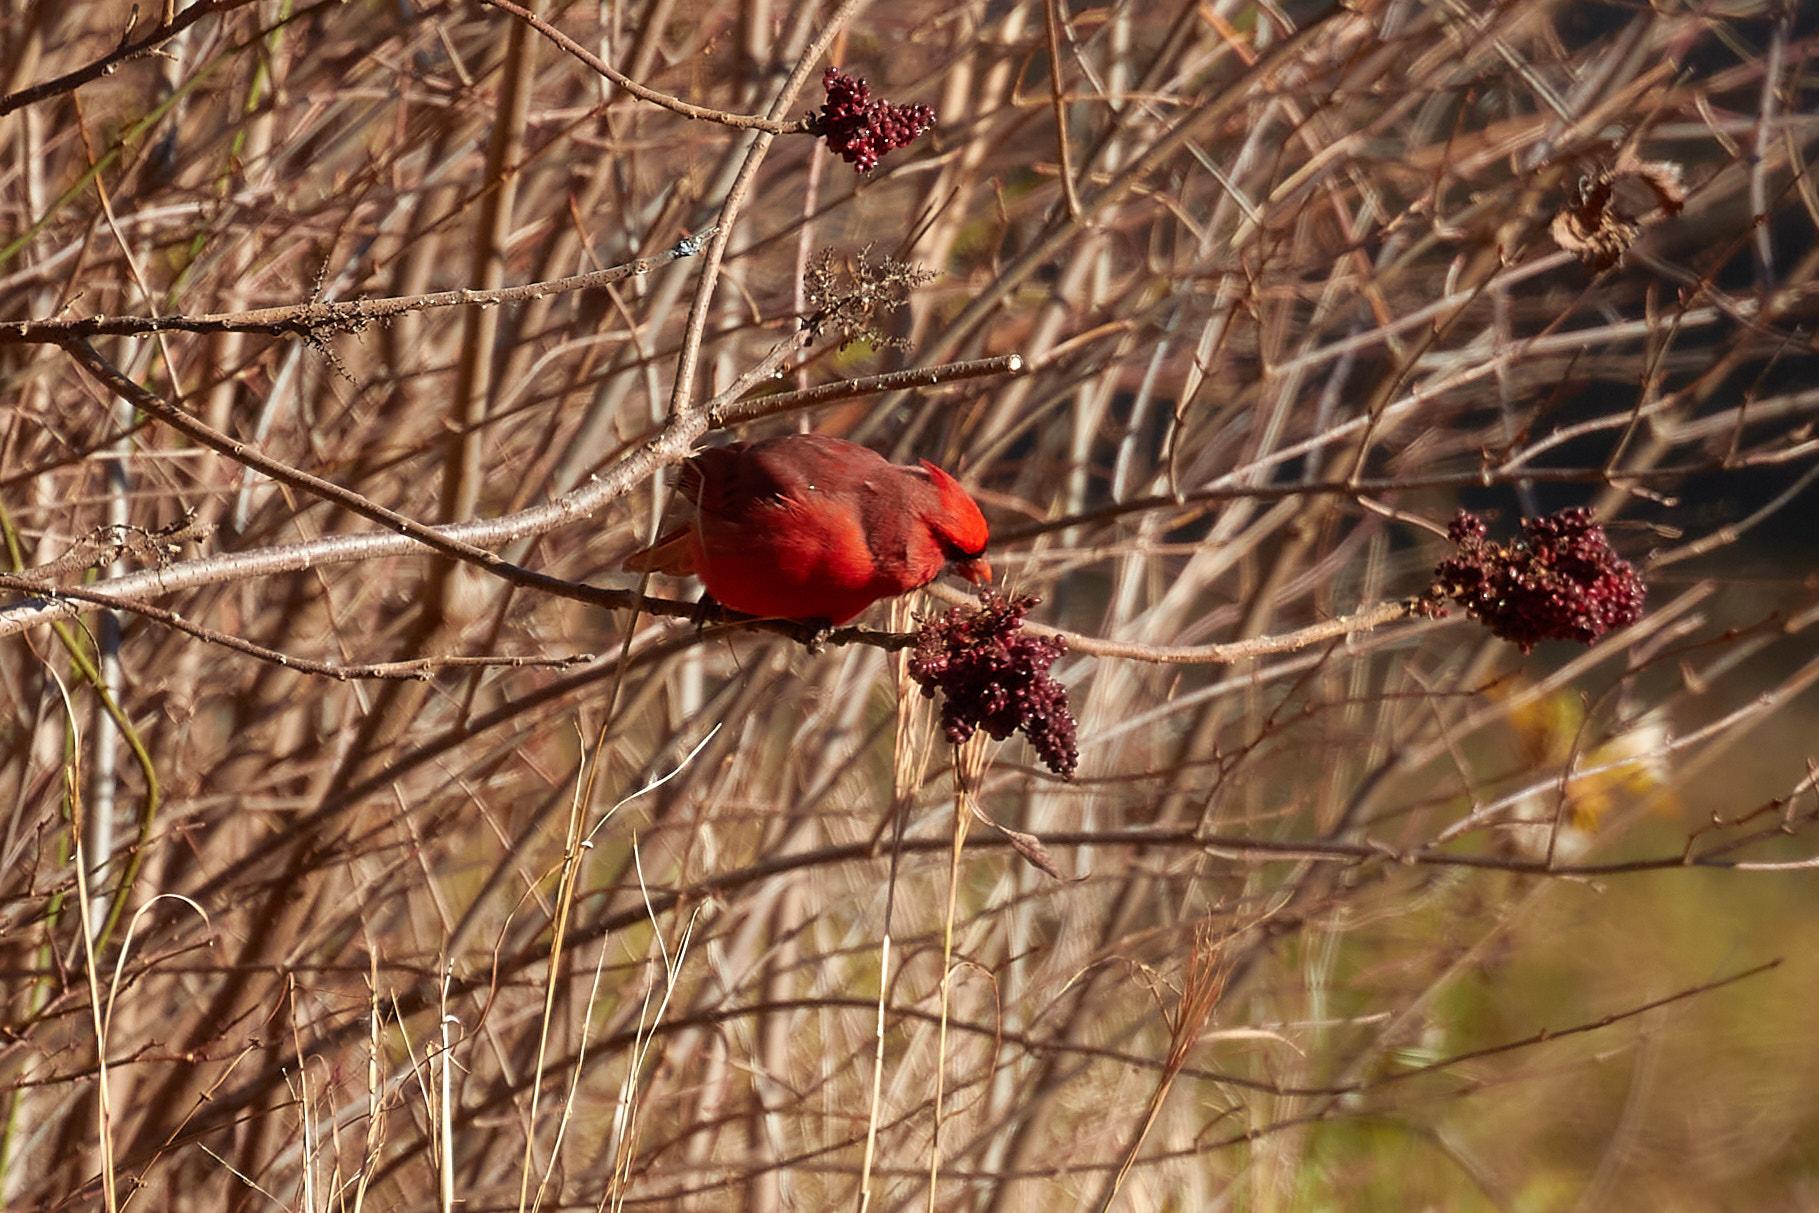 Cardinal eating berries on tree.